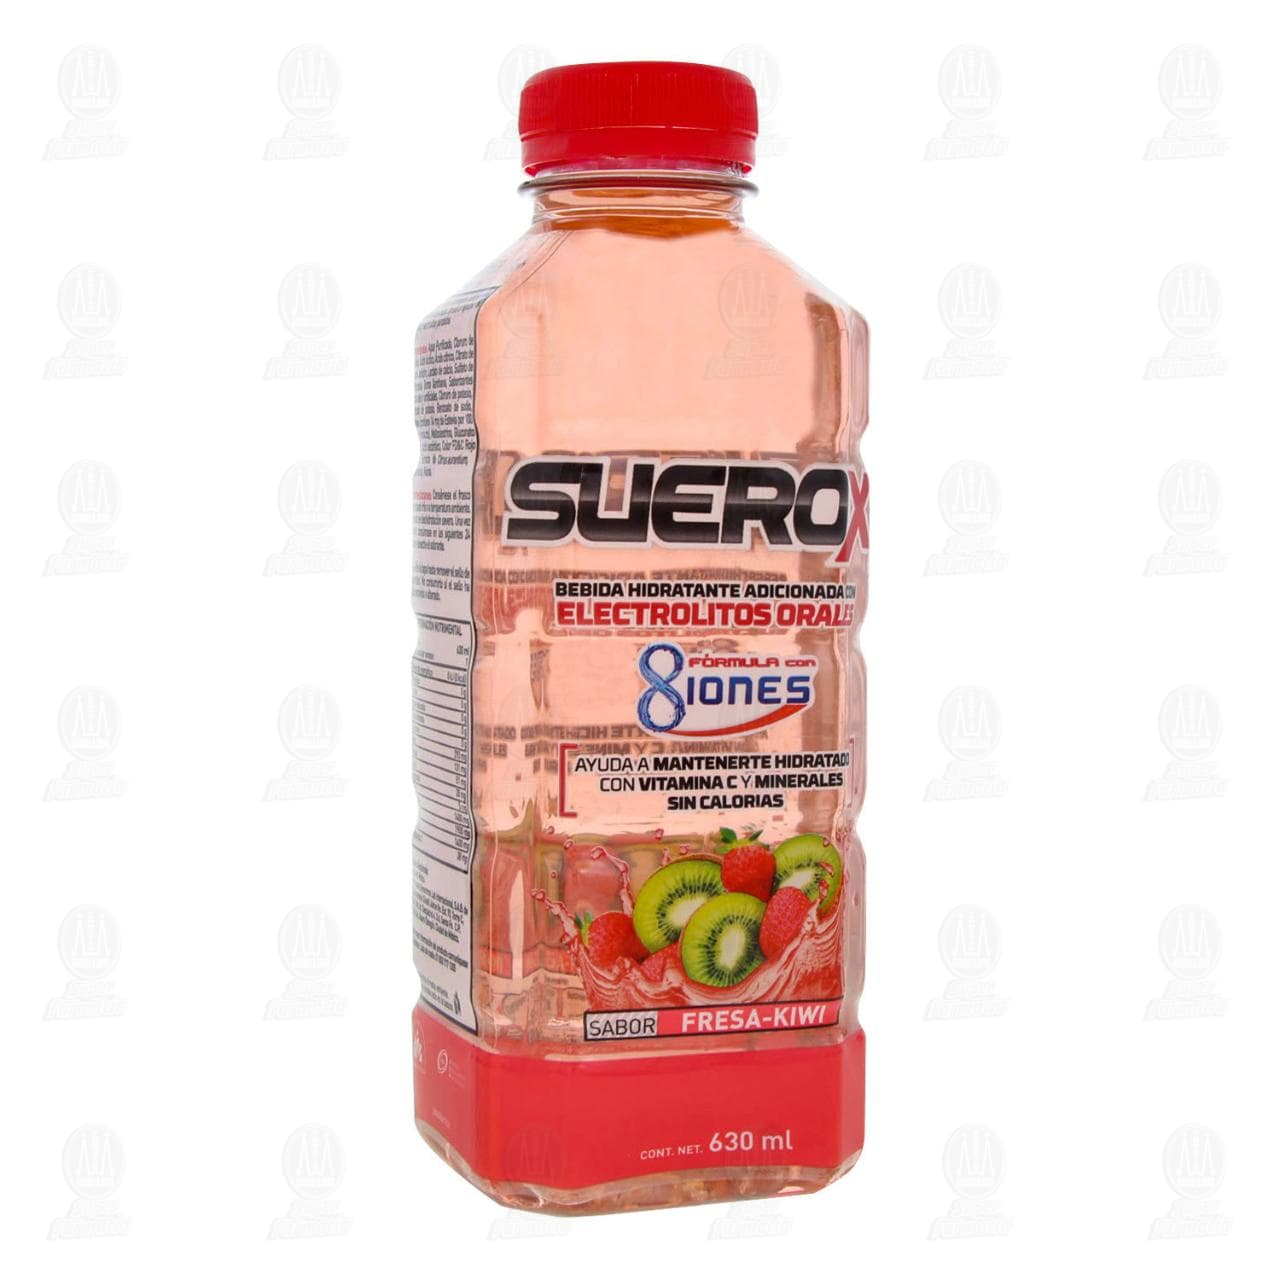 Comprar Suerox Fresa Kiwi 630ml en Farmacias Guadalajara